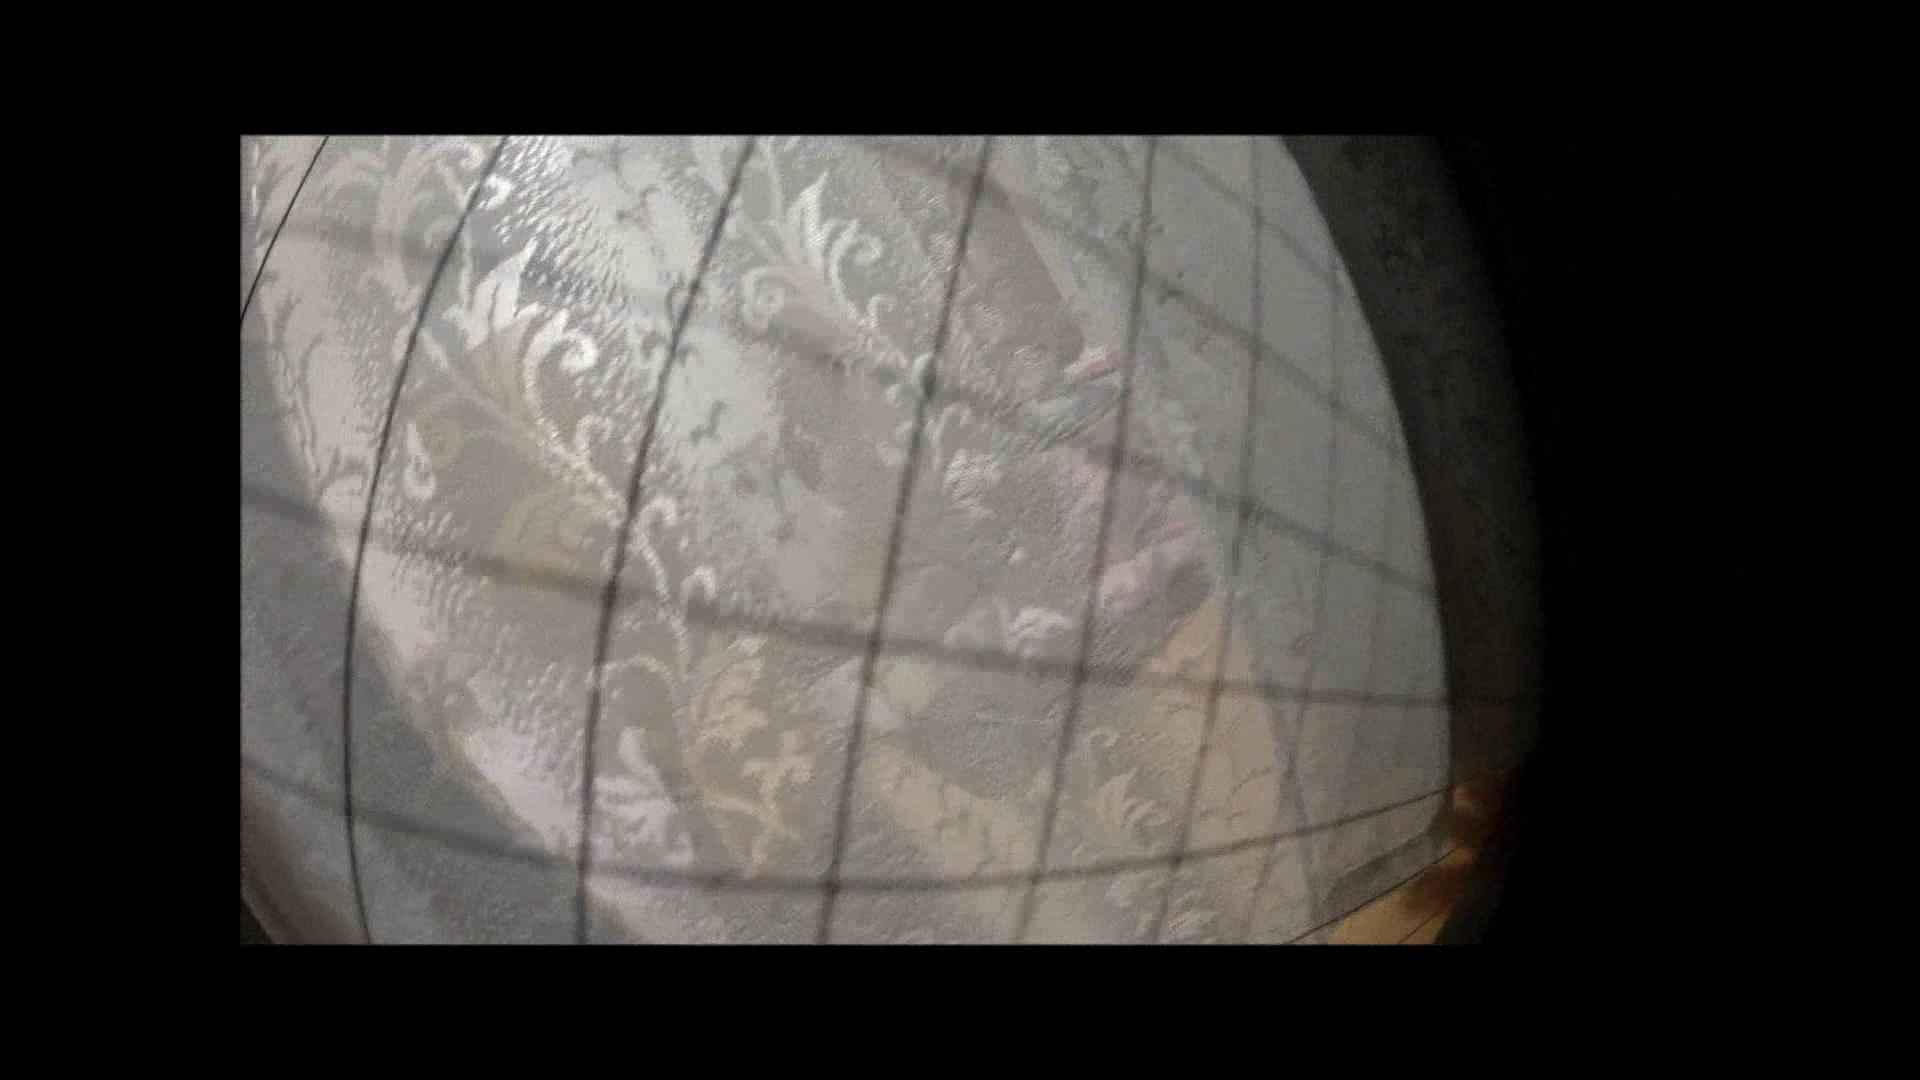 【04】別の日・・・魚眼レンズで広角に撮れました。 Hな熟女 えろ無修正画像 111pic 99